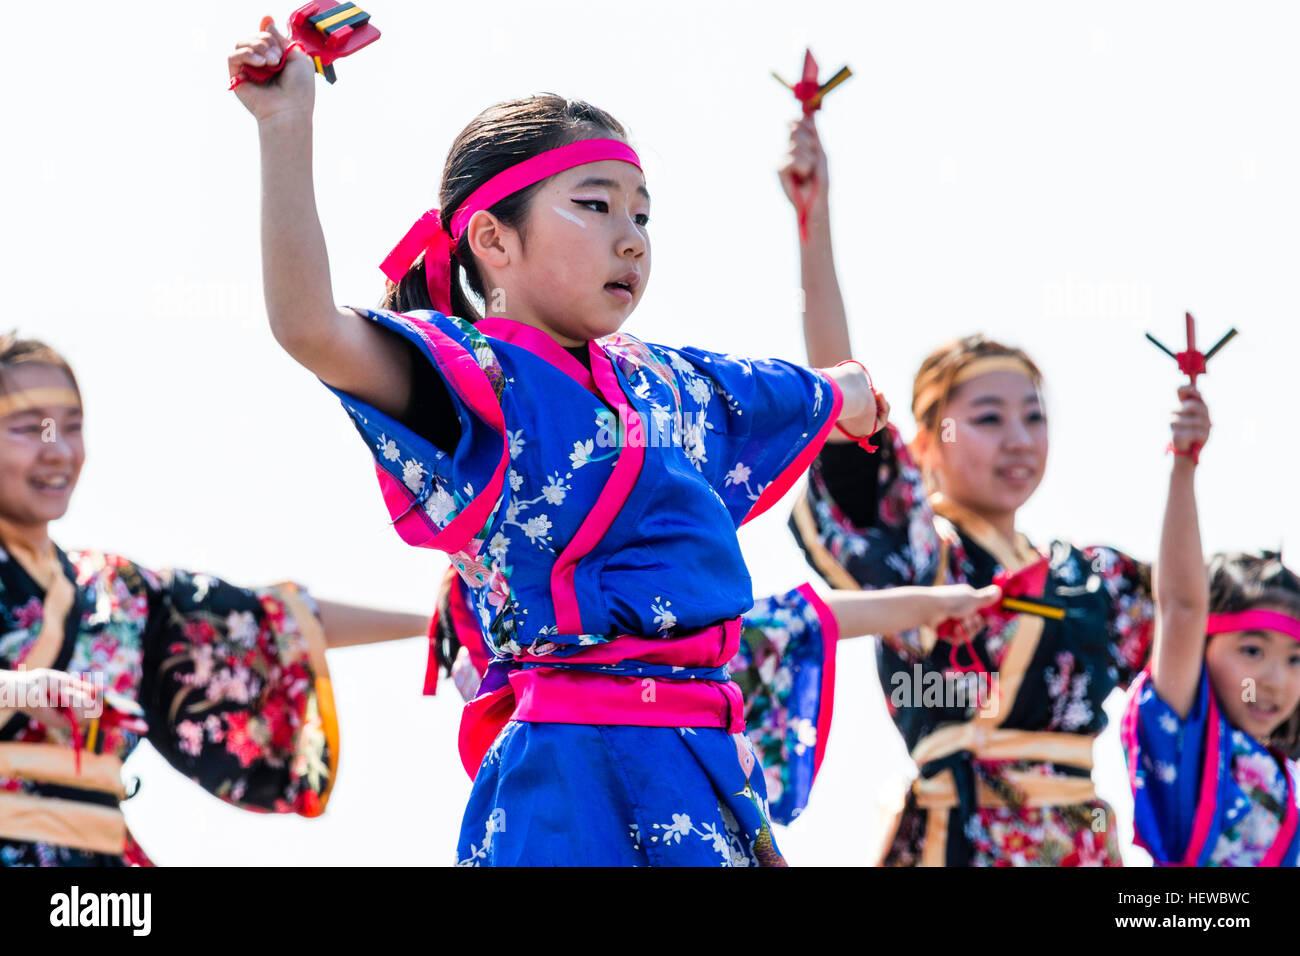 Niño Niña Del Japonés Festival Yosakoi Bailando Equipo Como Parte qwOvEOtBx